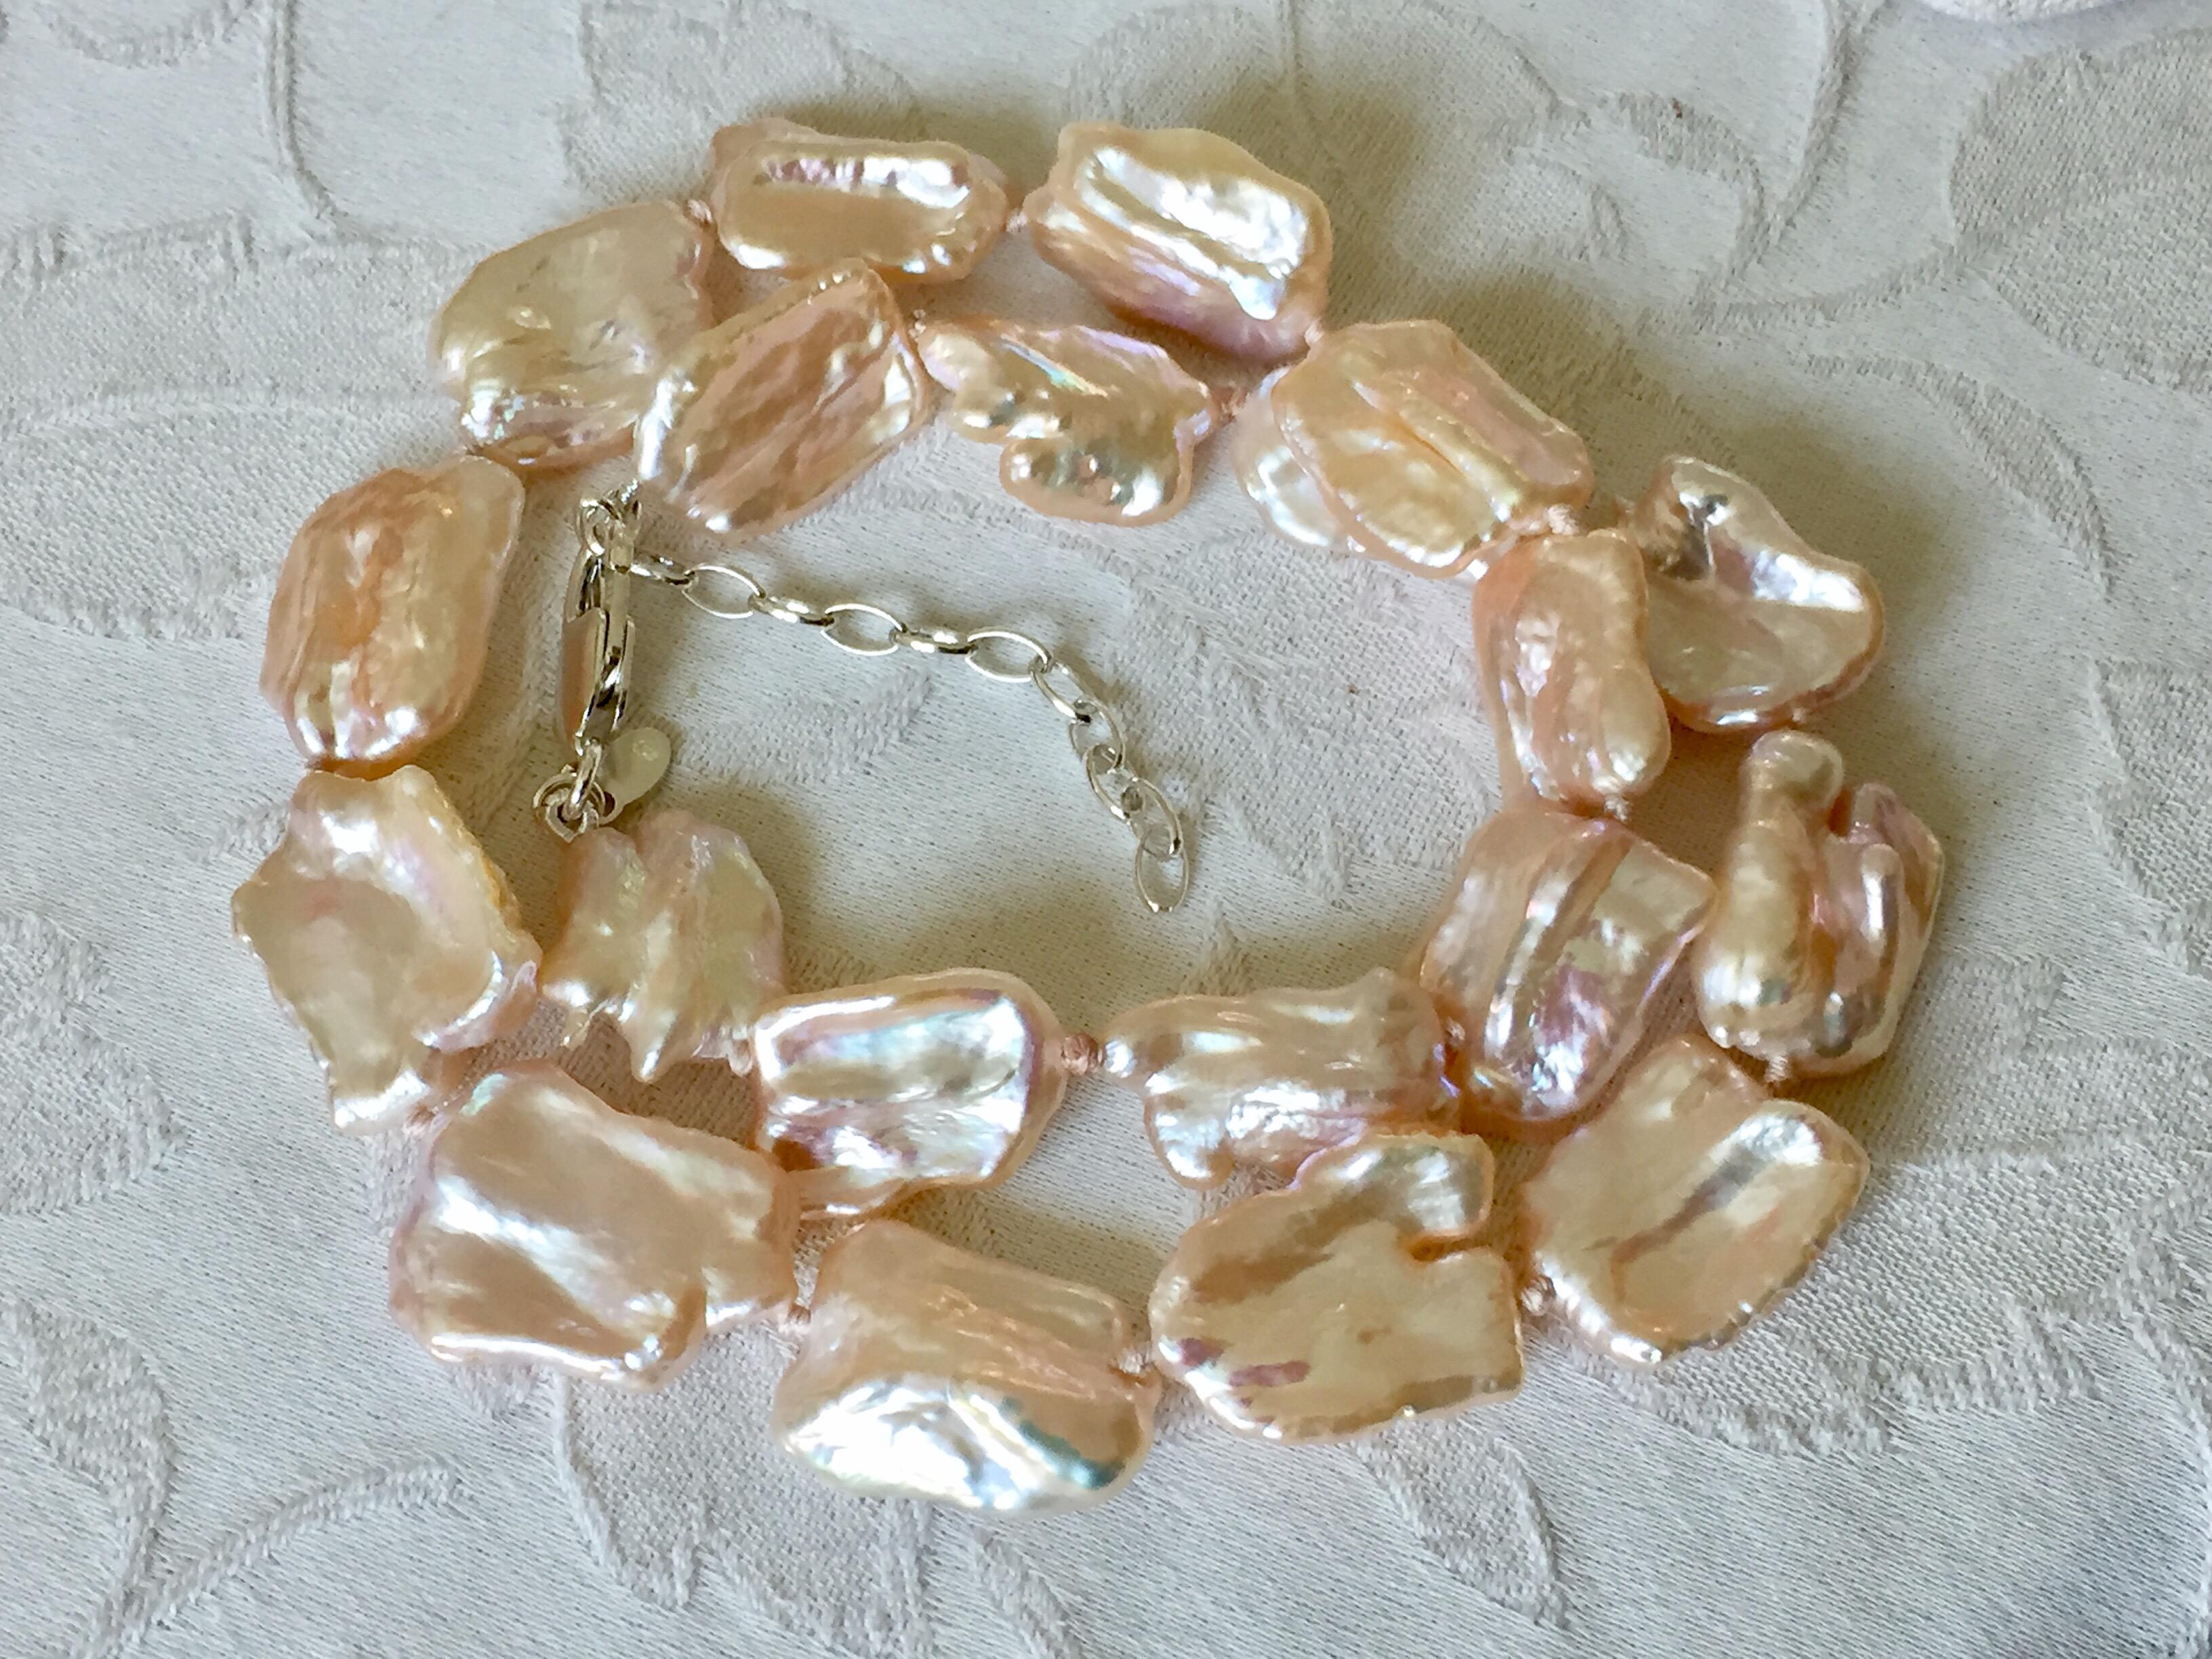 Collier de perles baroques monté sur fil de soie avec des noeuds